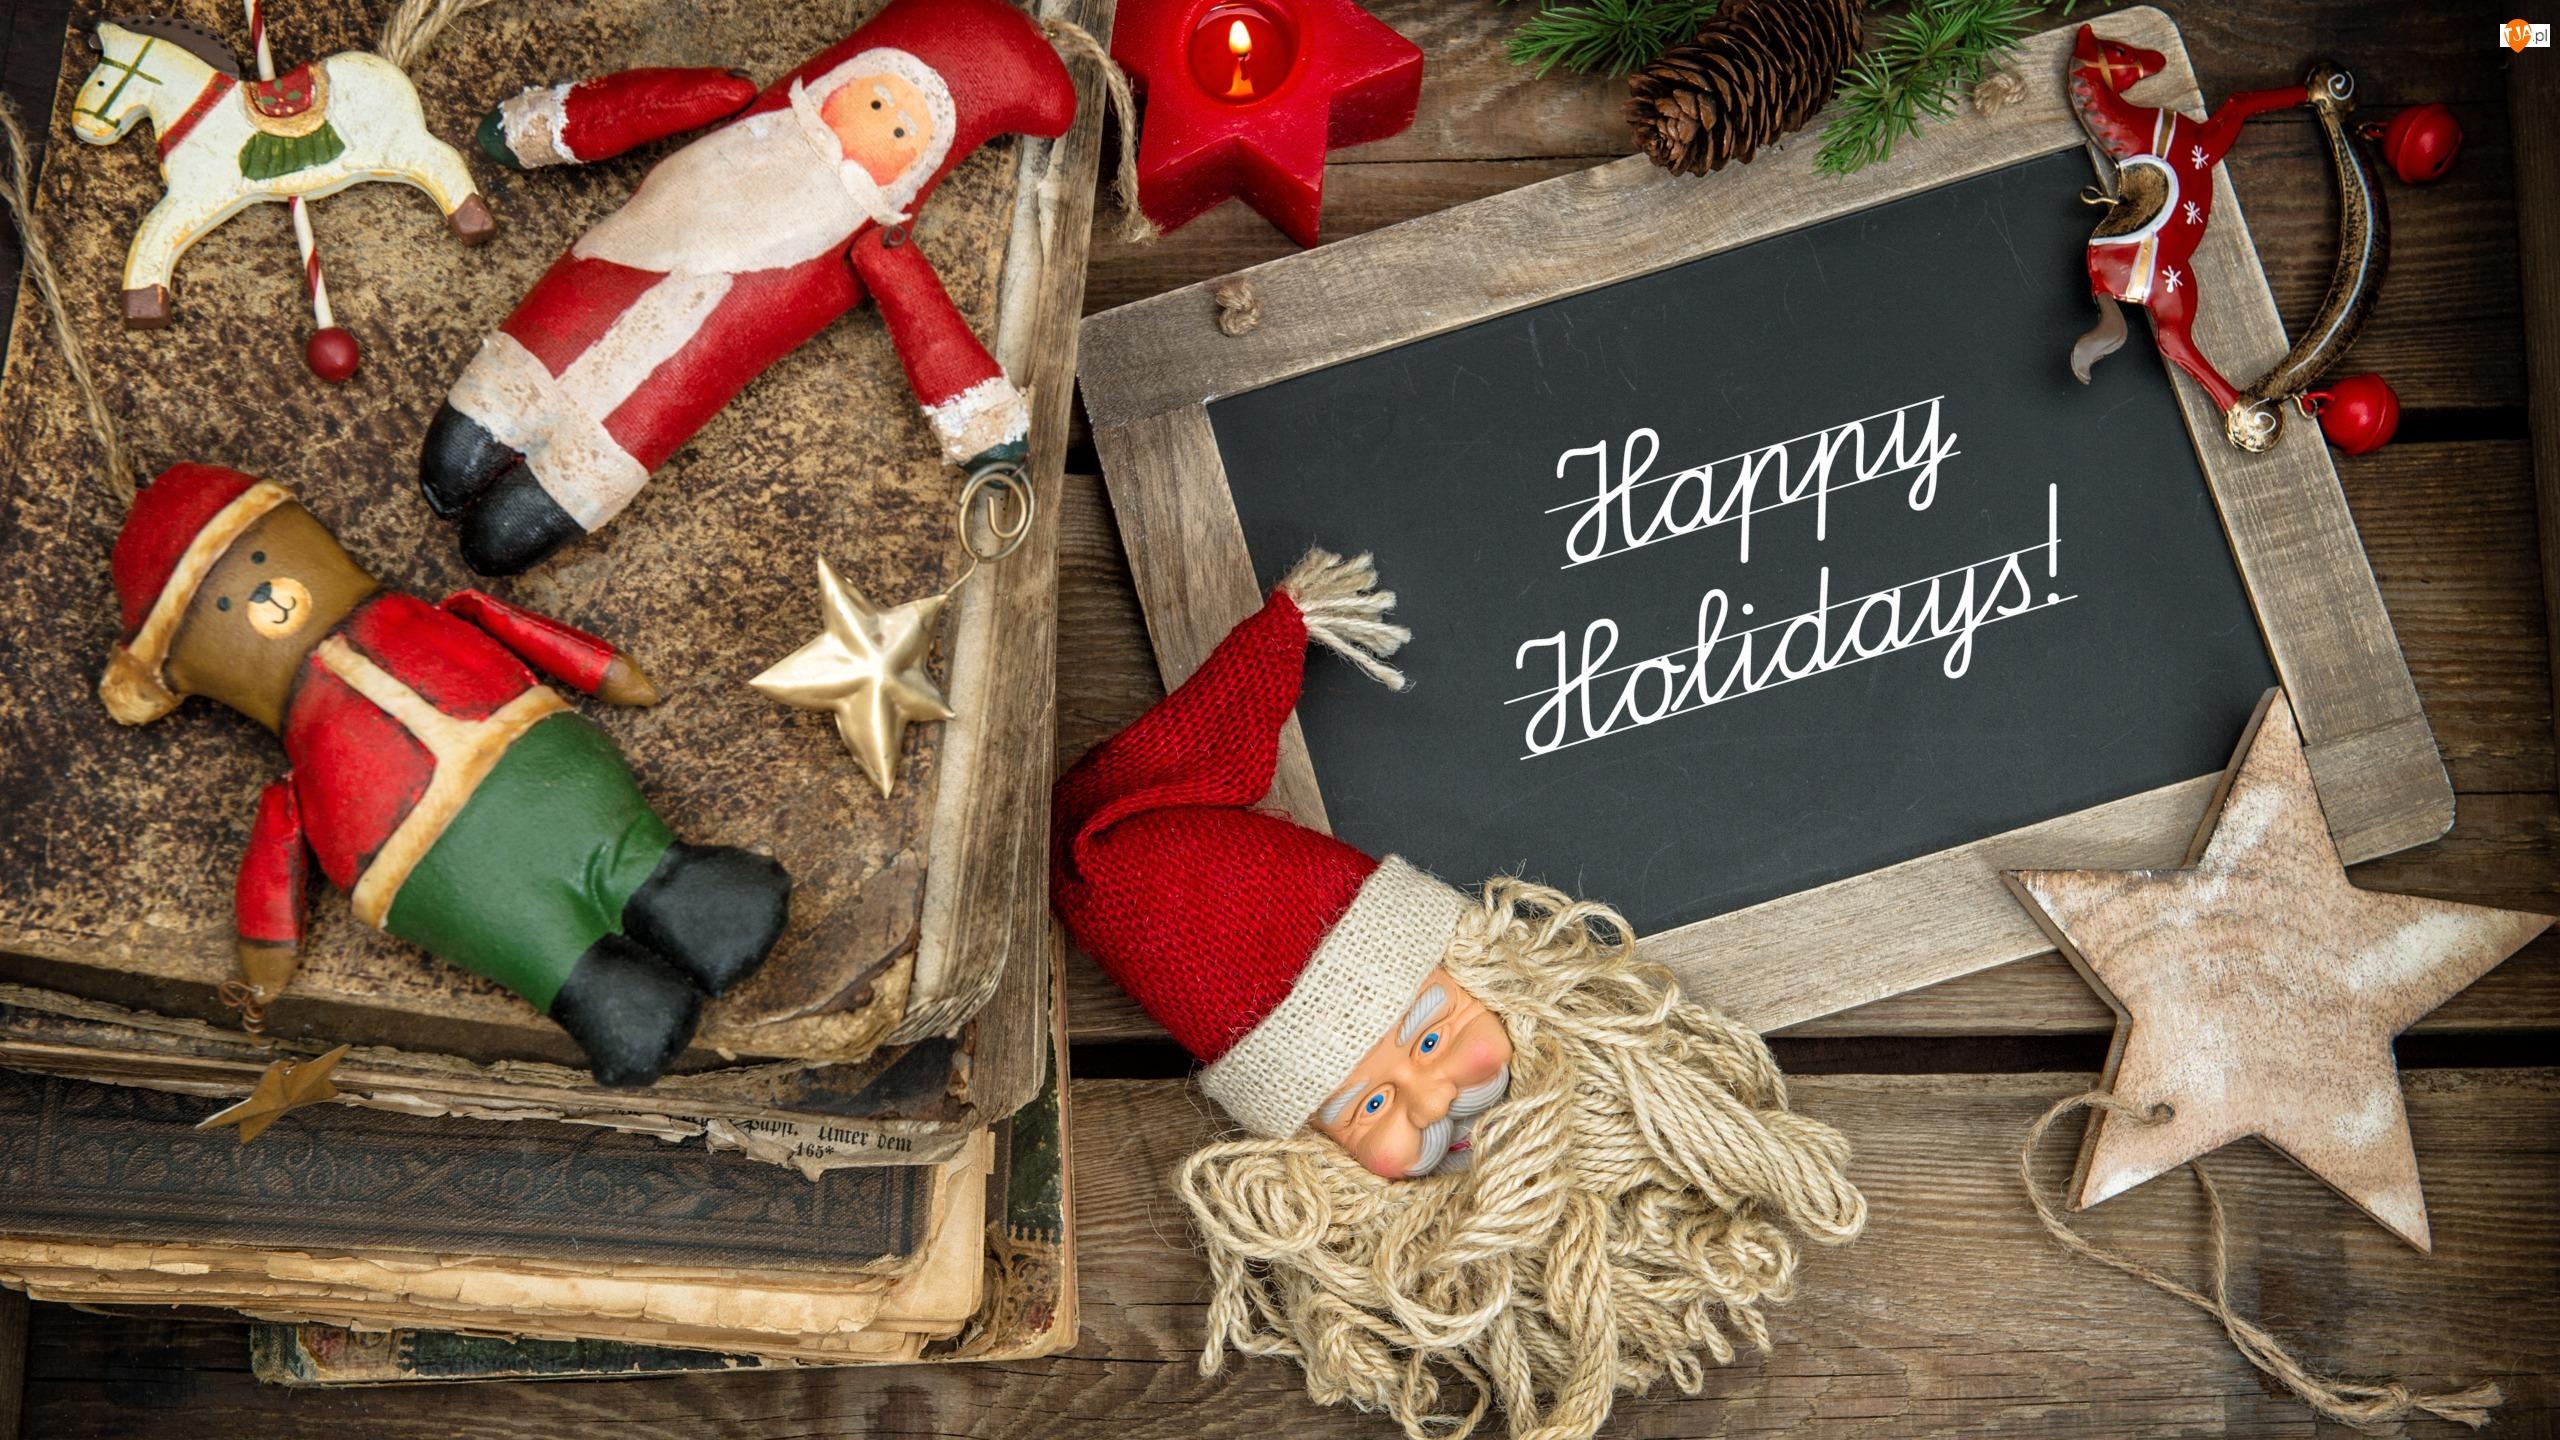 Koniki, Gwiazdka, Świeca, Vintage, Świąteczna, Zabawki, Tablica, Deski, Napis, Miś, Kompozycja, Książki, Happy Holidays, Mikołaj